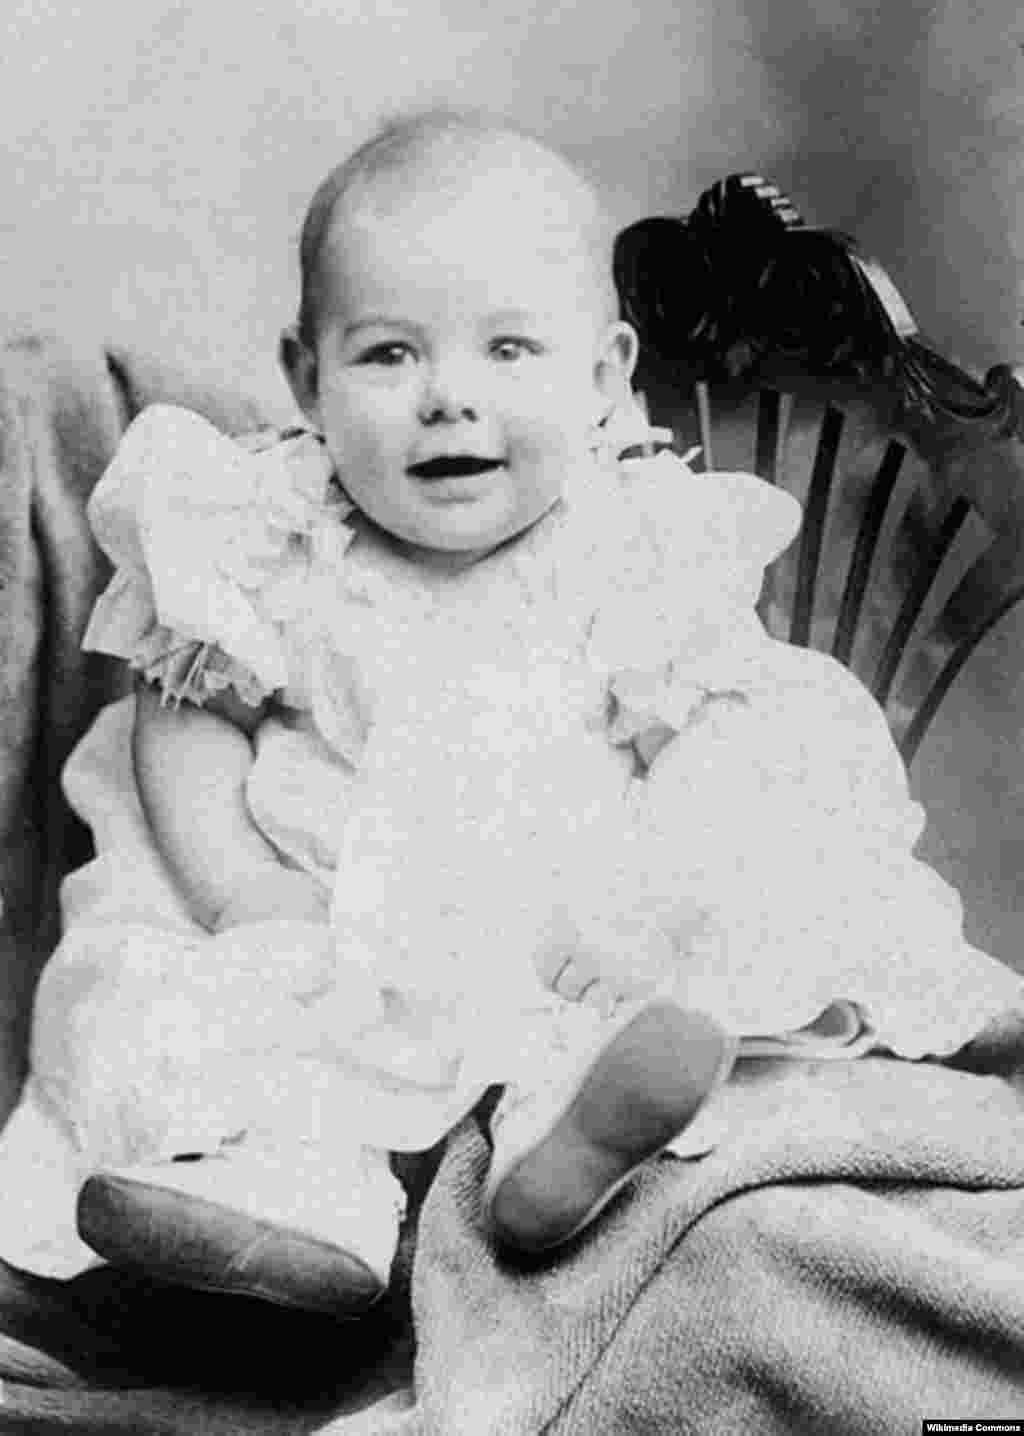 ارنست میلر همینگور سال ۱۸۹۹ به دنیا آمد.